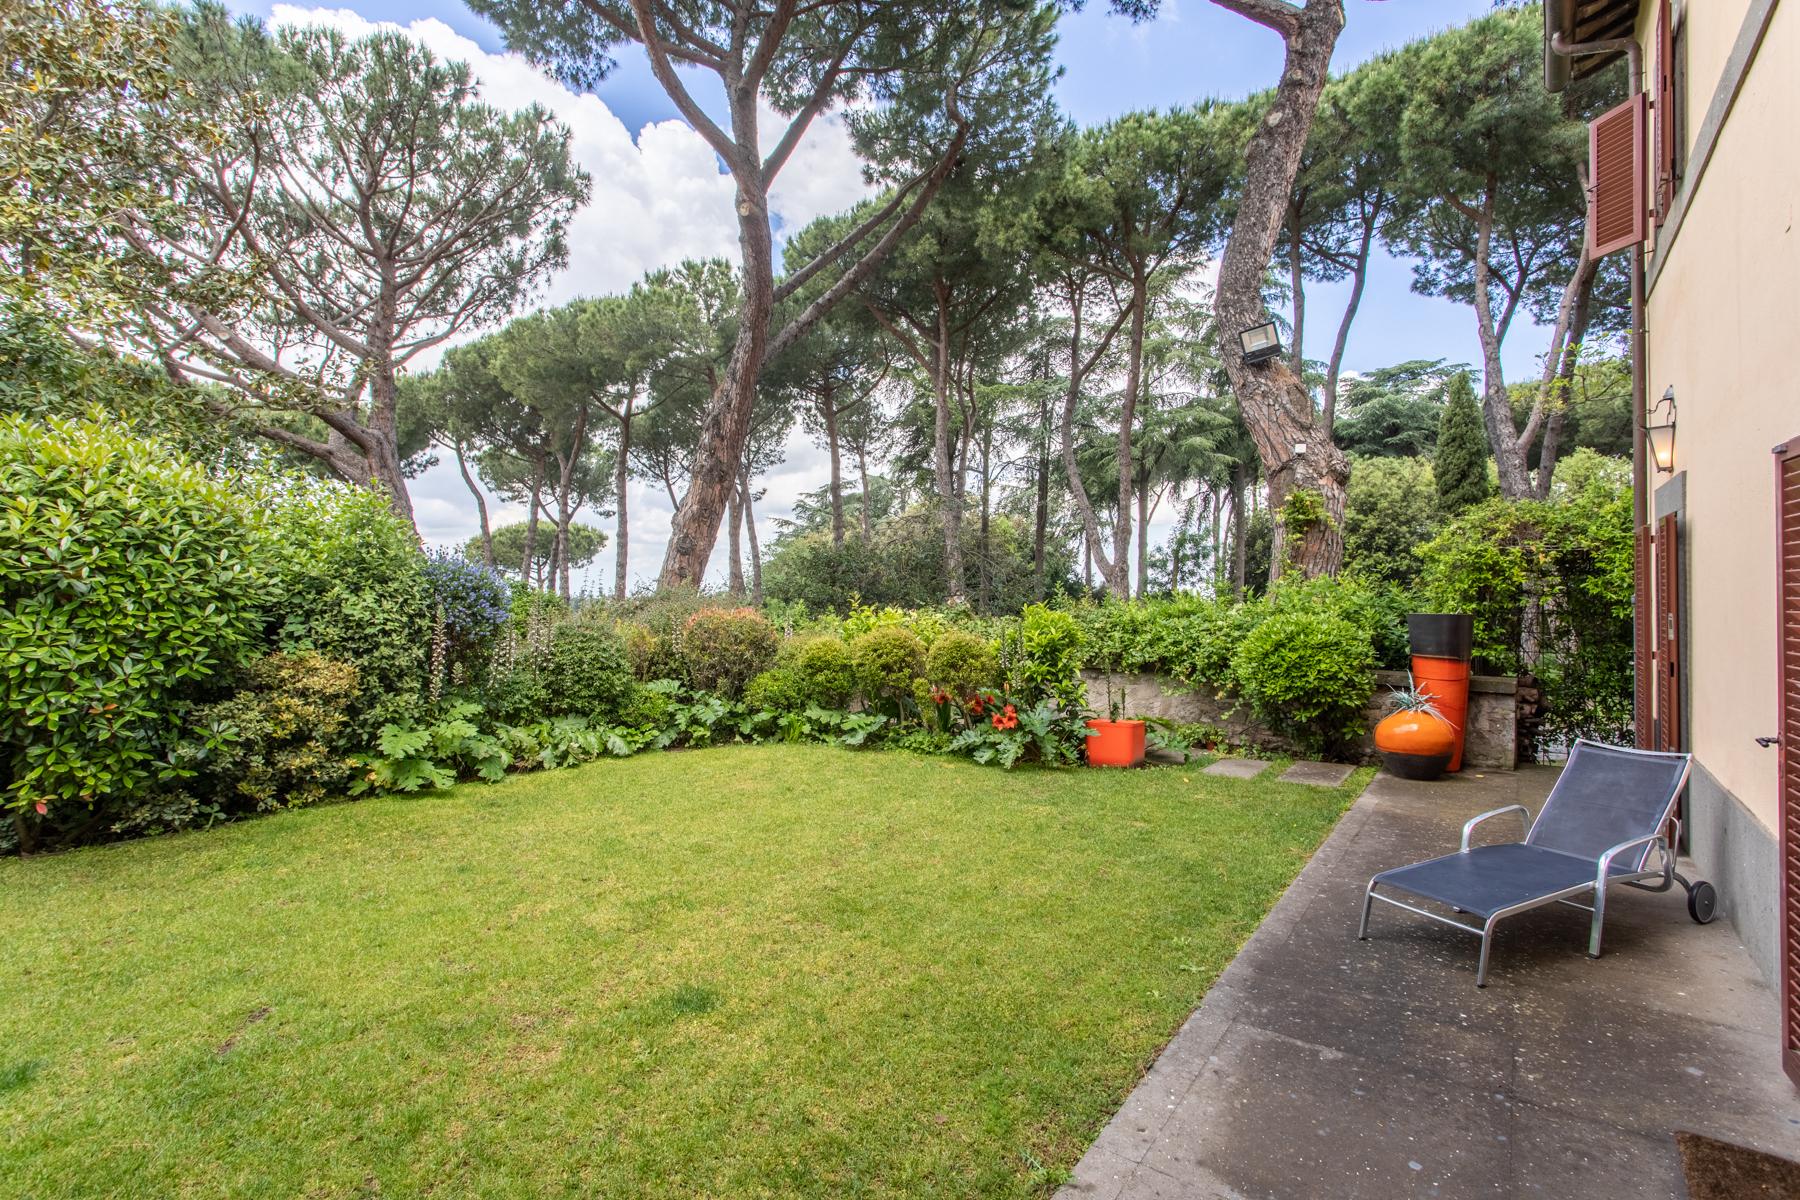 Villa in Vendita a Castel Gandolfo: 5 locali, 400 mq - Foto 27